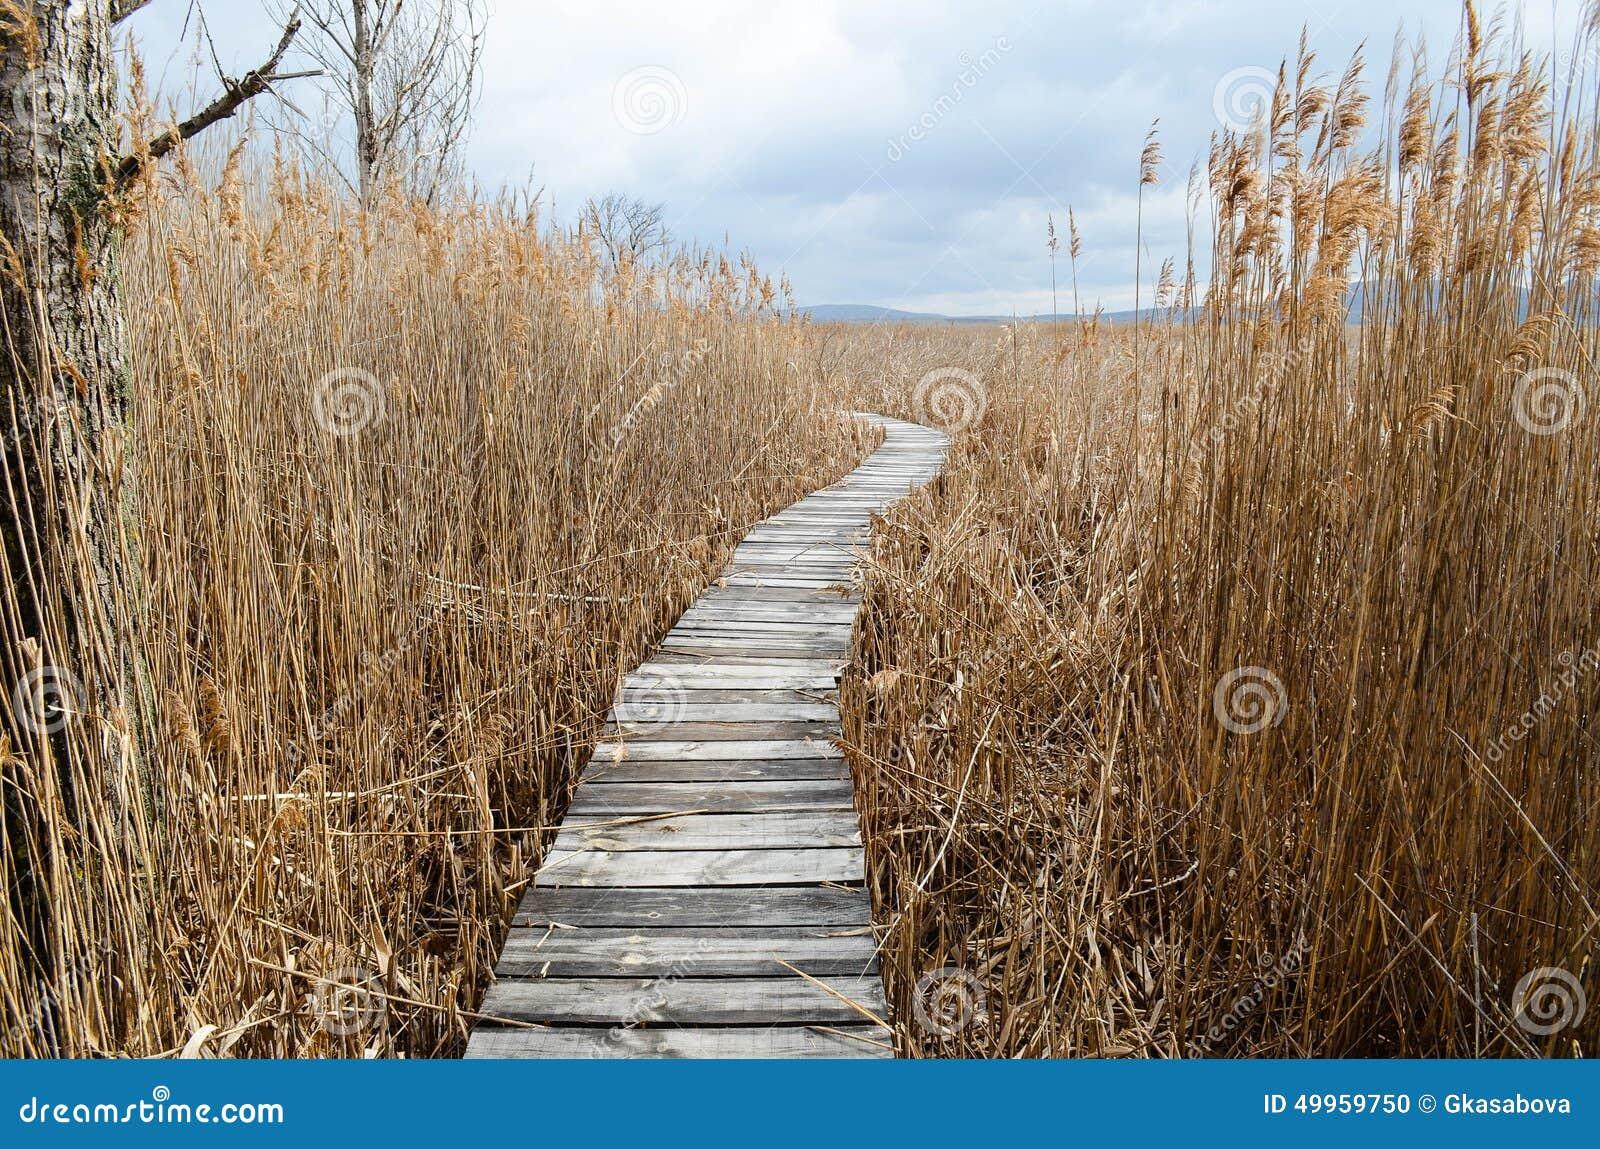 Gehweg im Bett des trockenen allgemeinen Schilfs im Sumpf in einer Reserve der wild lebenden Tiere